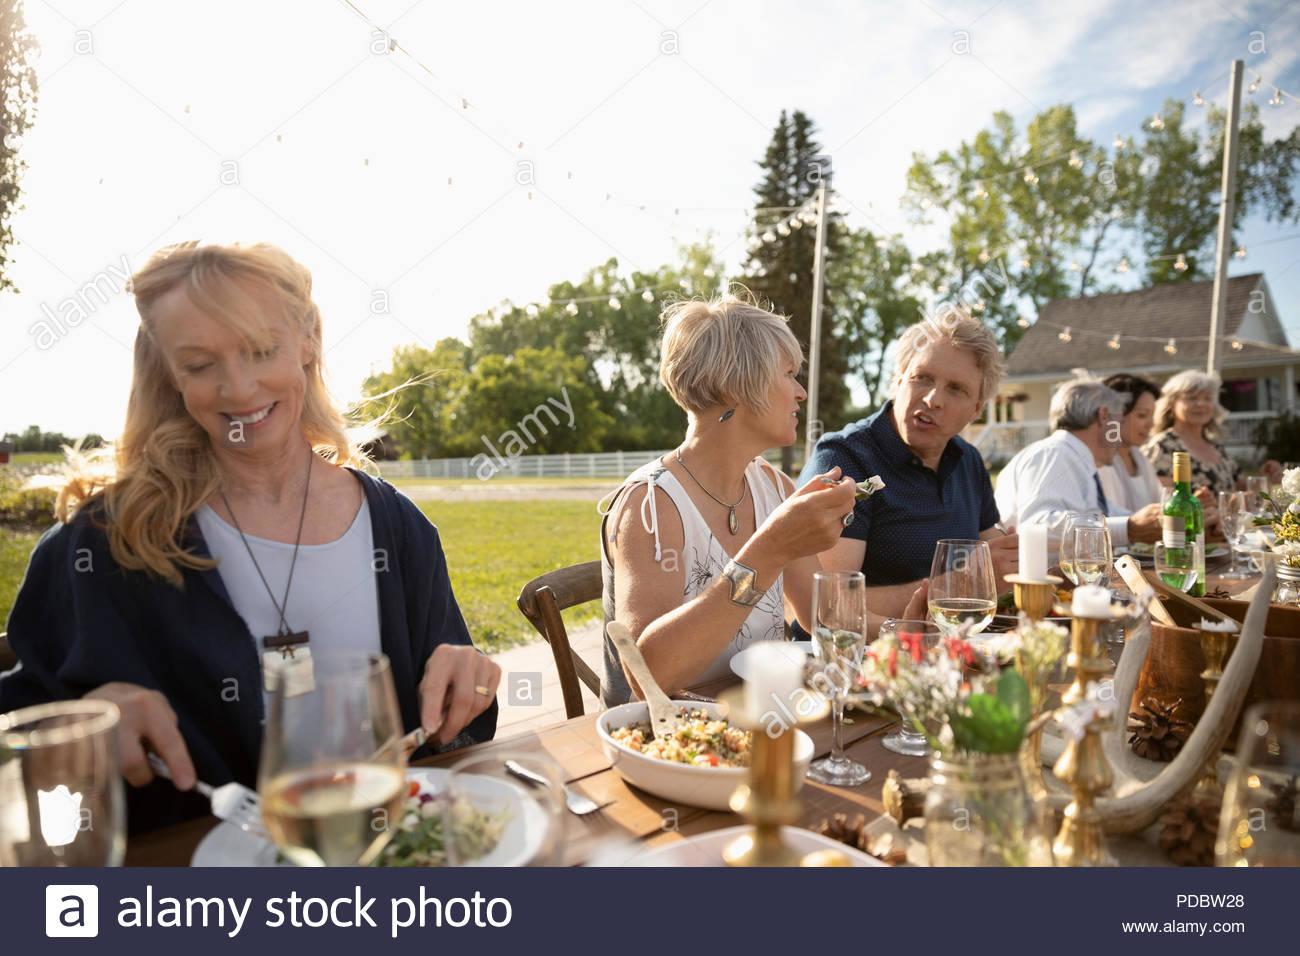 Les amis de manger et boire à sunny garden party le déjeuner Photo Stock